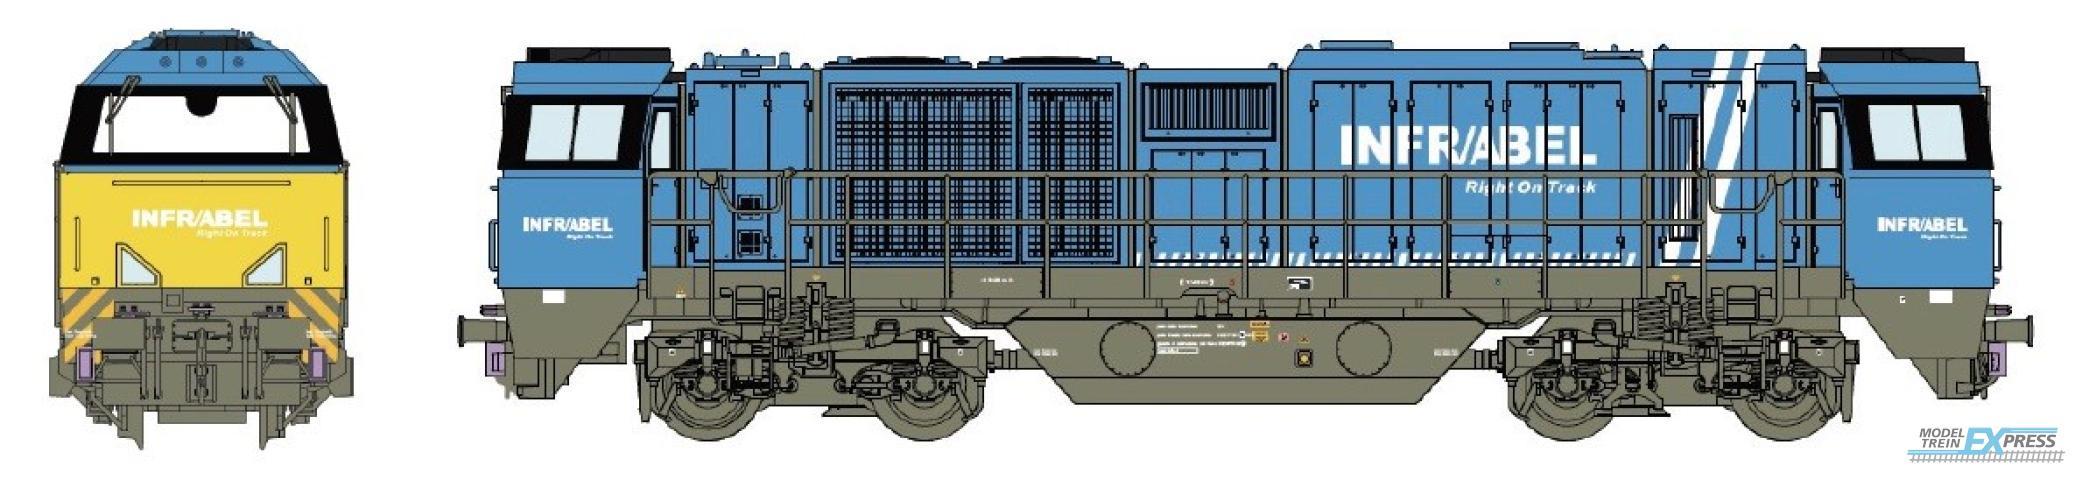 B-Models 9902.03